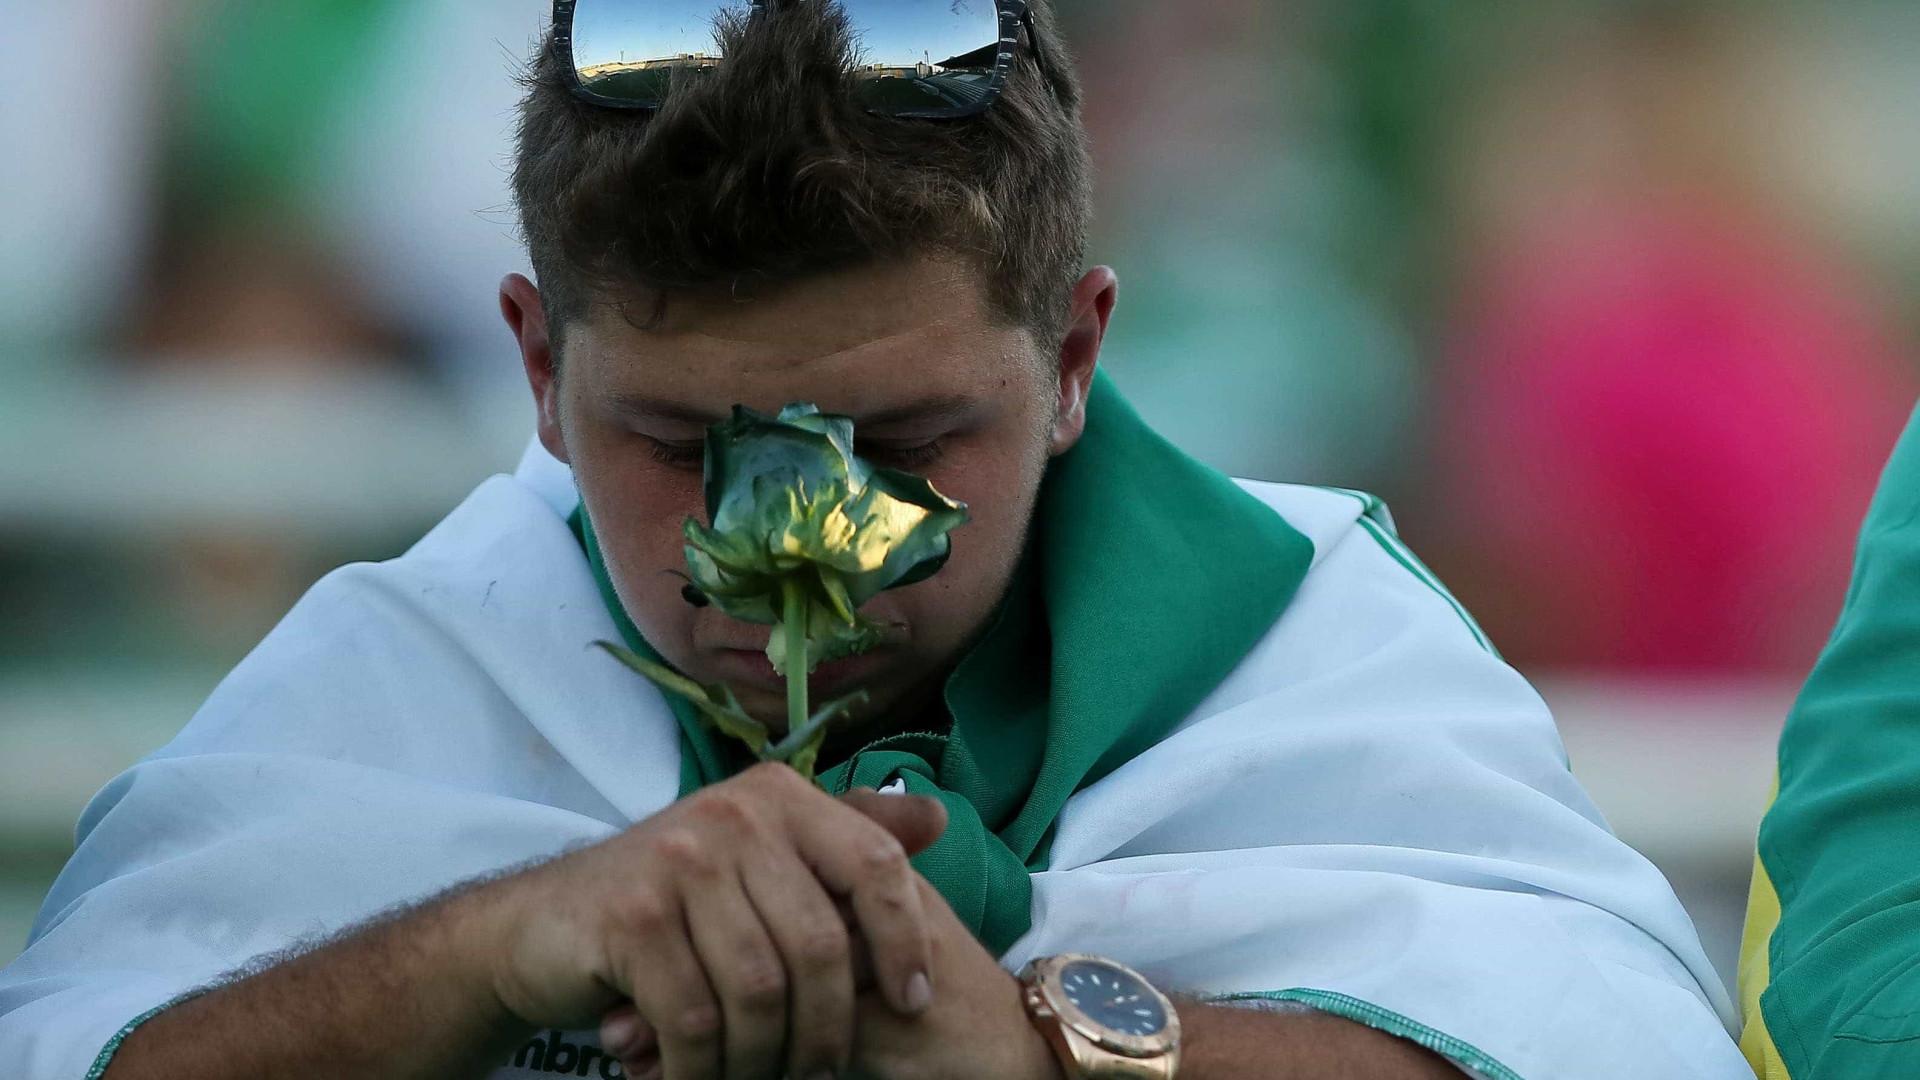 Todos de luto pelo Chapecoense. O dia seguinte nos jornais